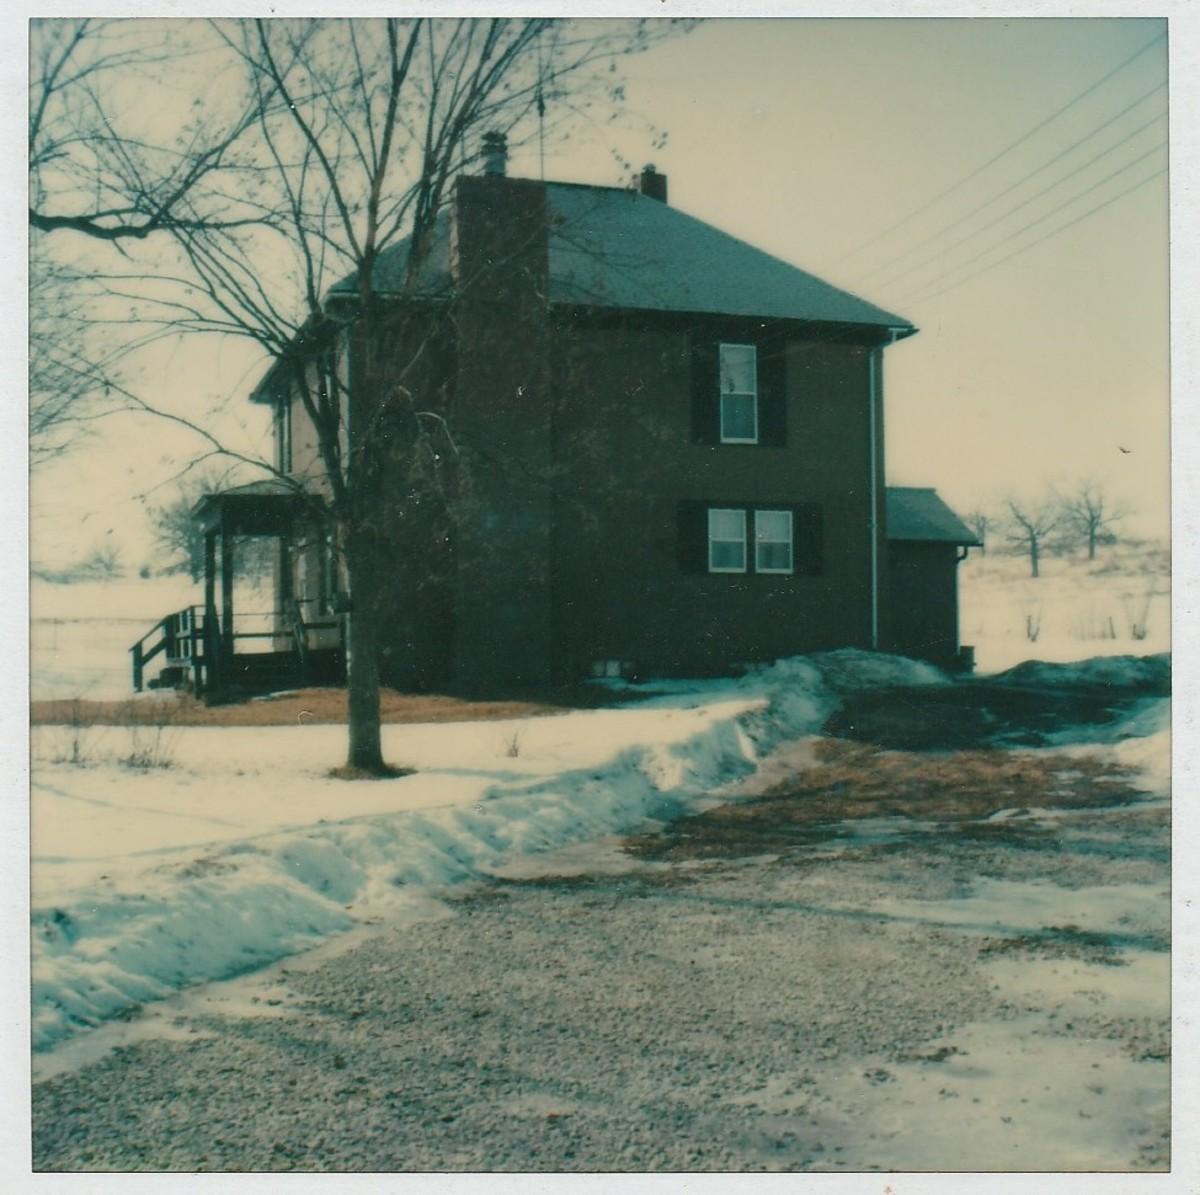 Farm house in 1979